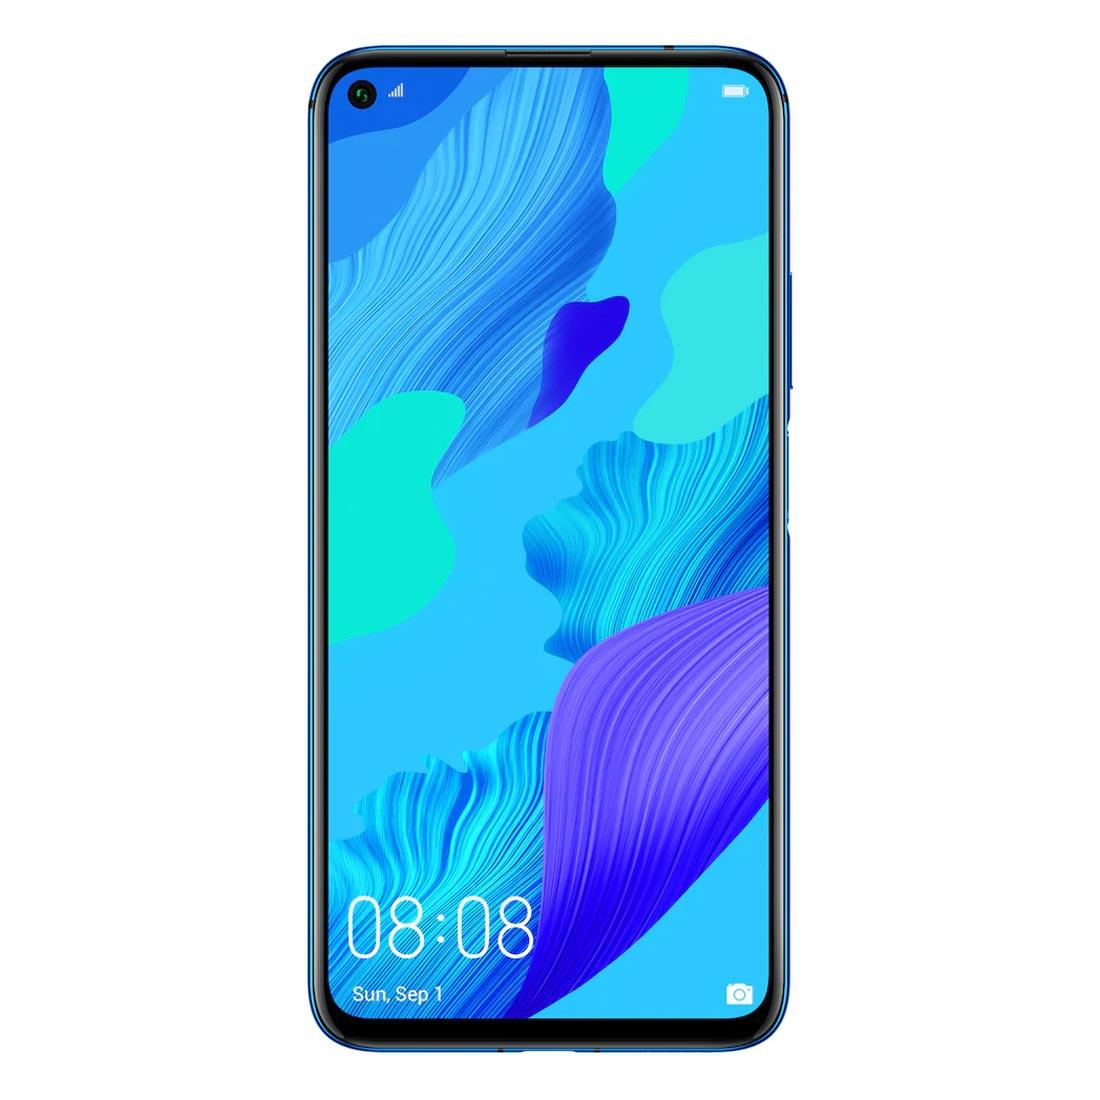 Huawei nova 5T (Dual Sim 4G/4G, 128GB/8GB) - Crush Blue